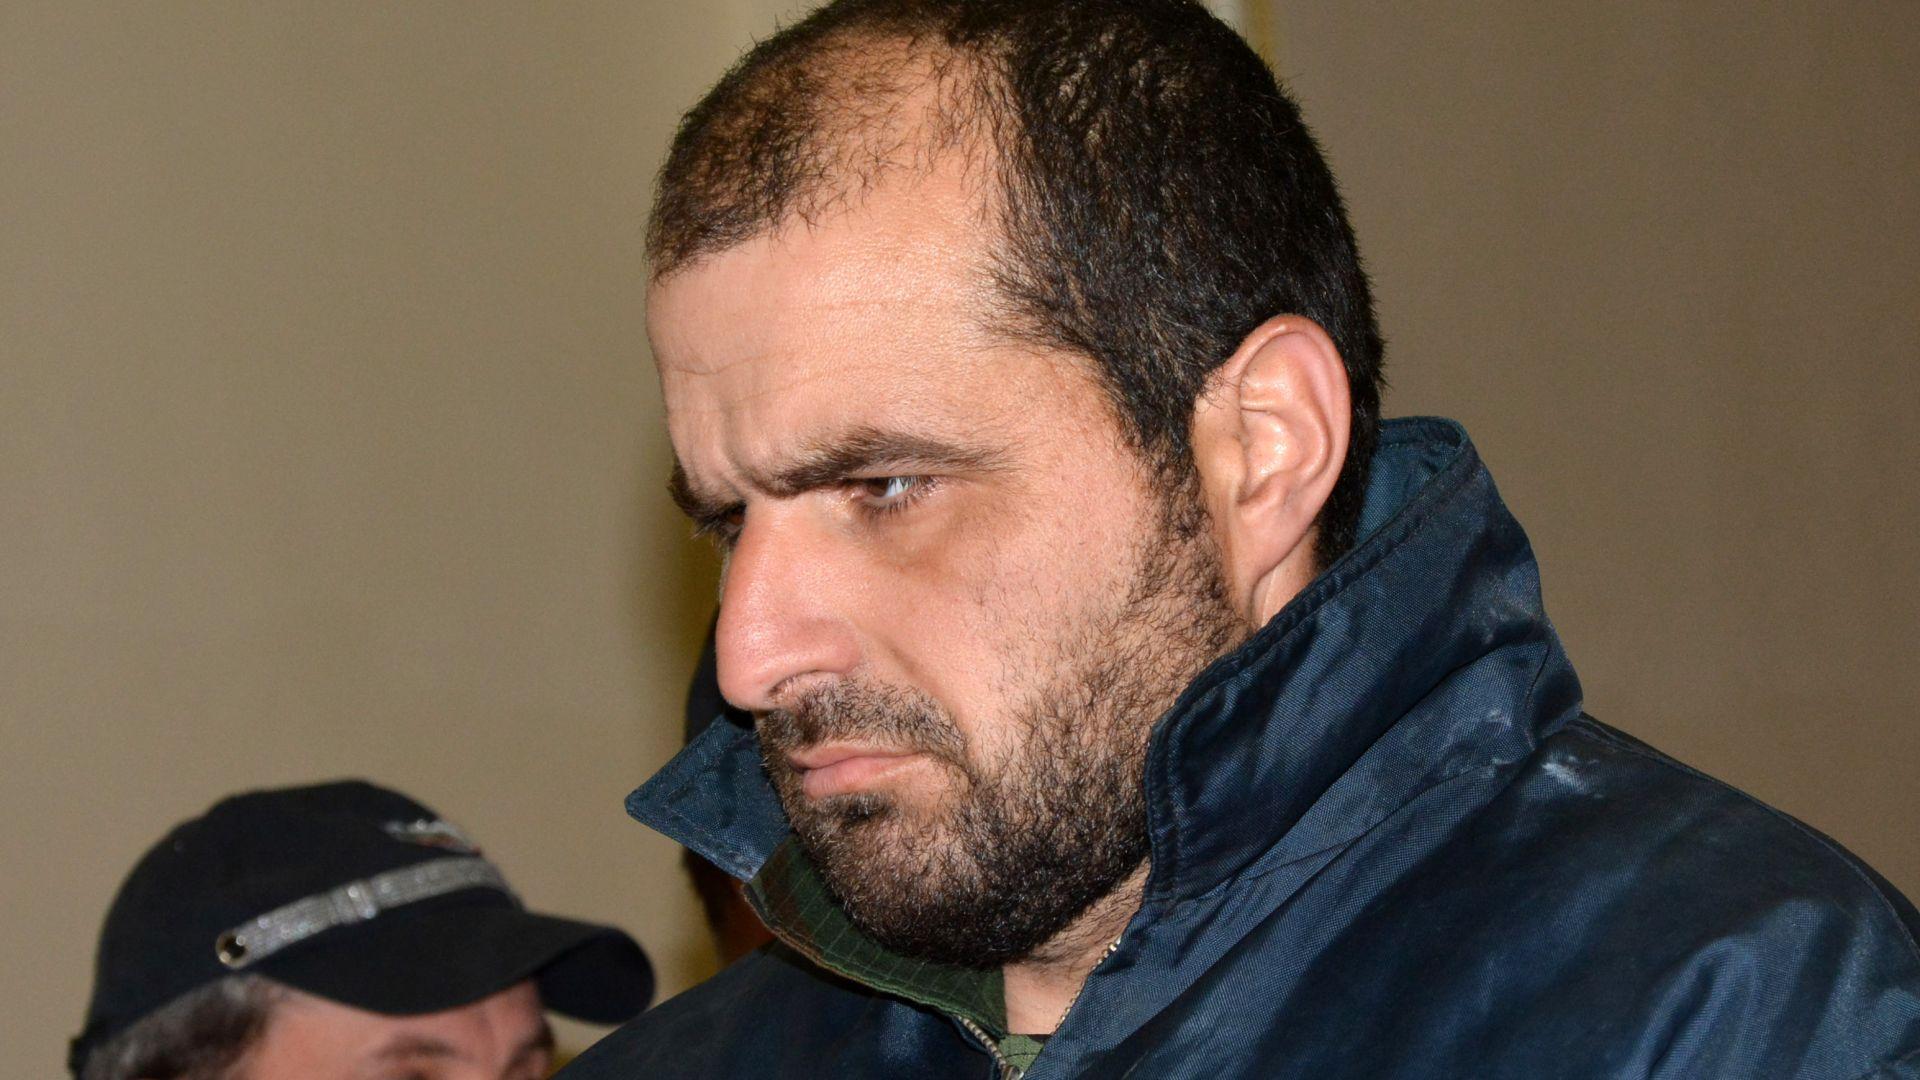 Легионерът, обвинен за убийството на фелдшера, е задържан за 72 часа